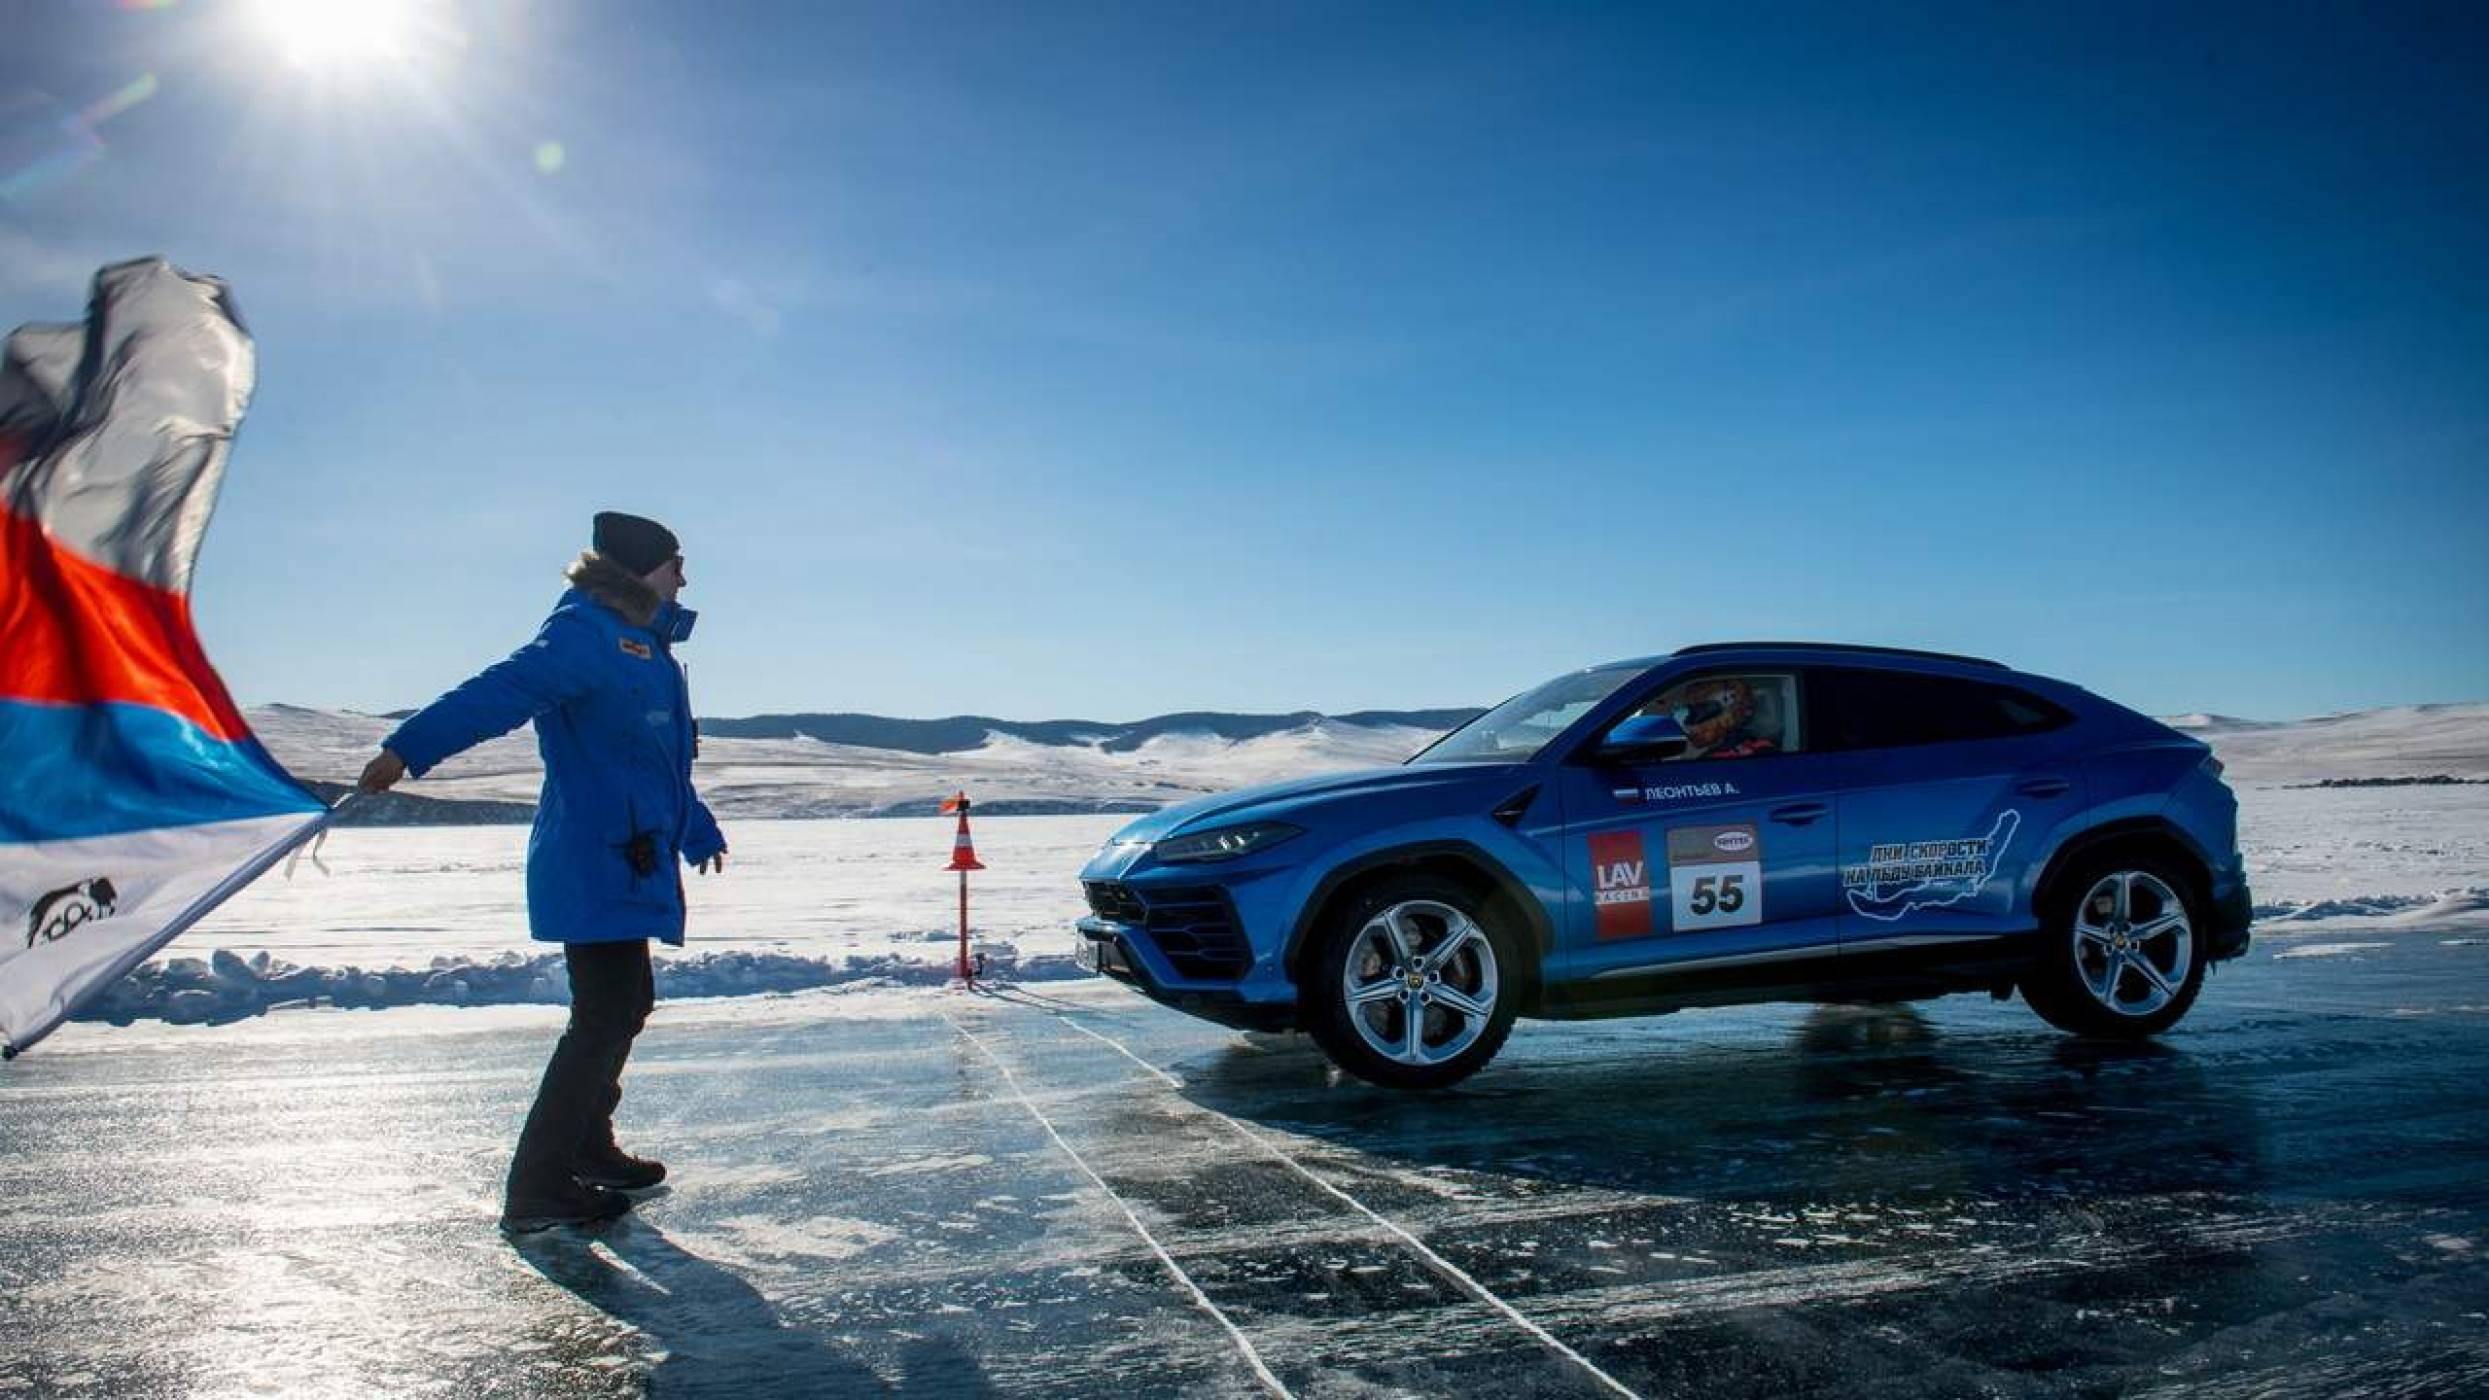 Рекордният пробег на Lamborghini Urus по замръзналото езеро Байкал влезе в историята